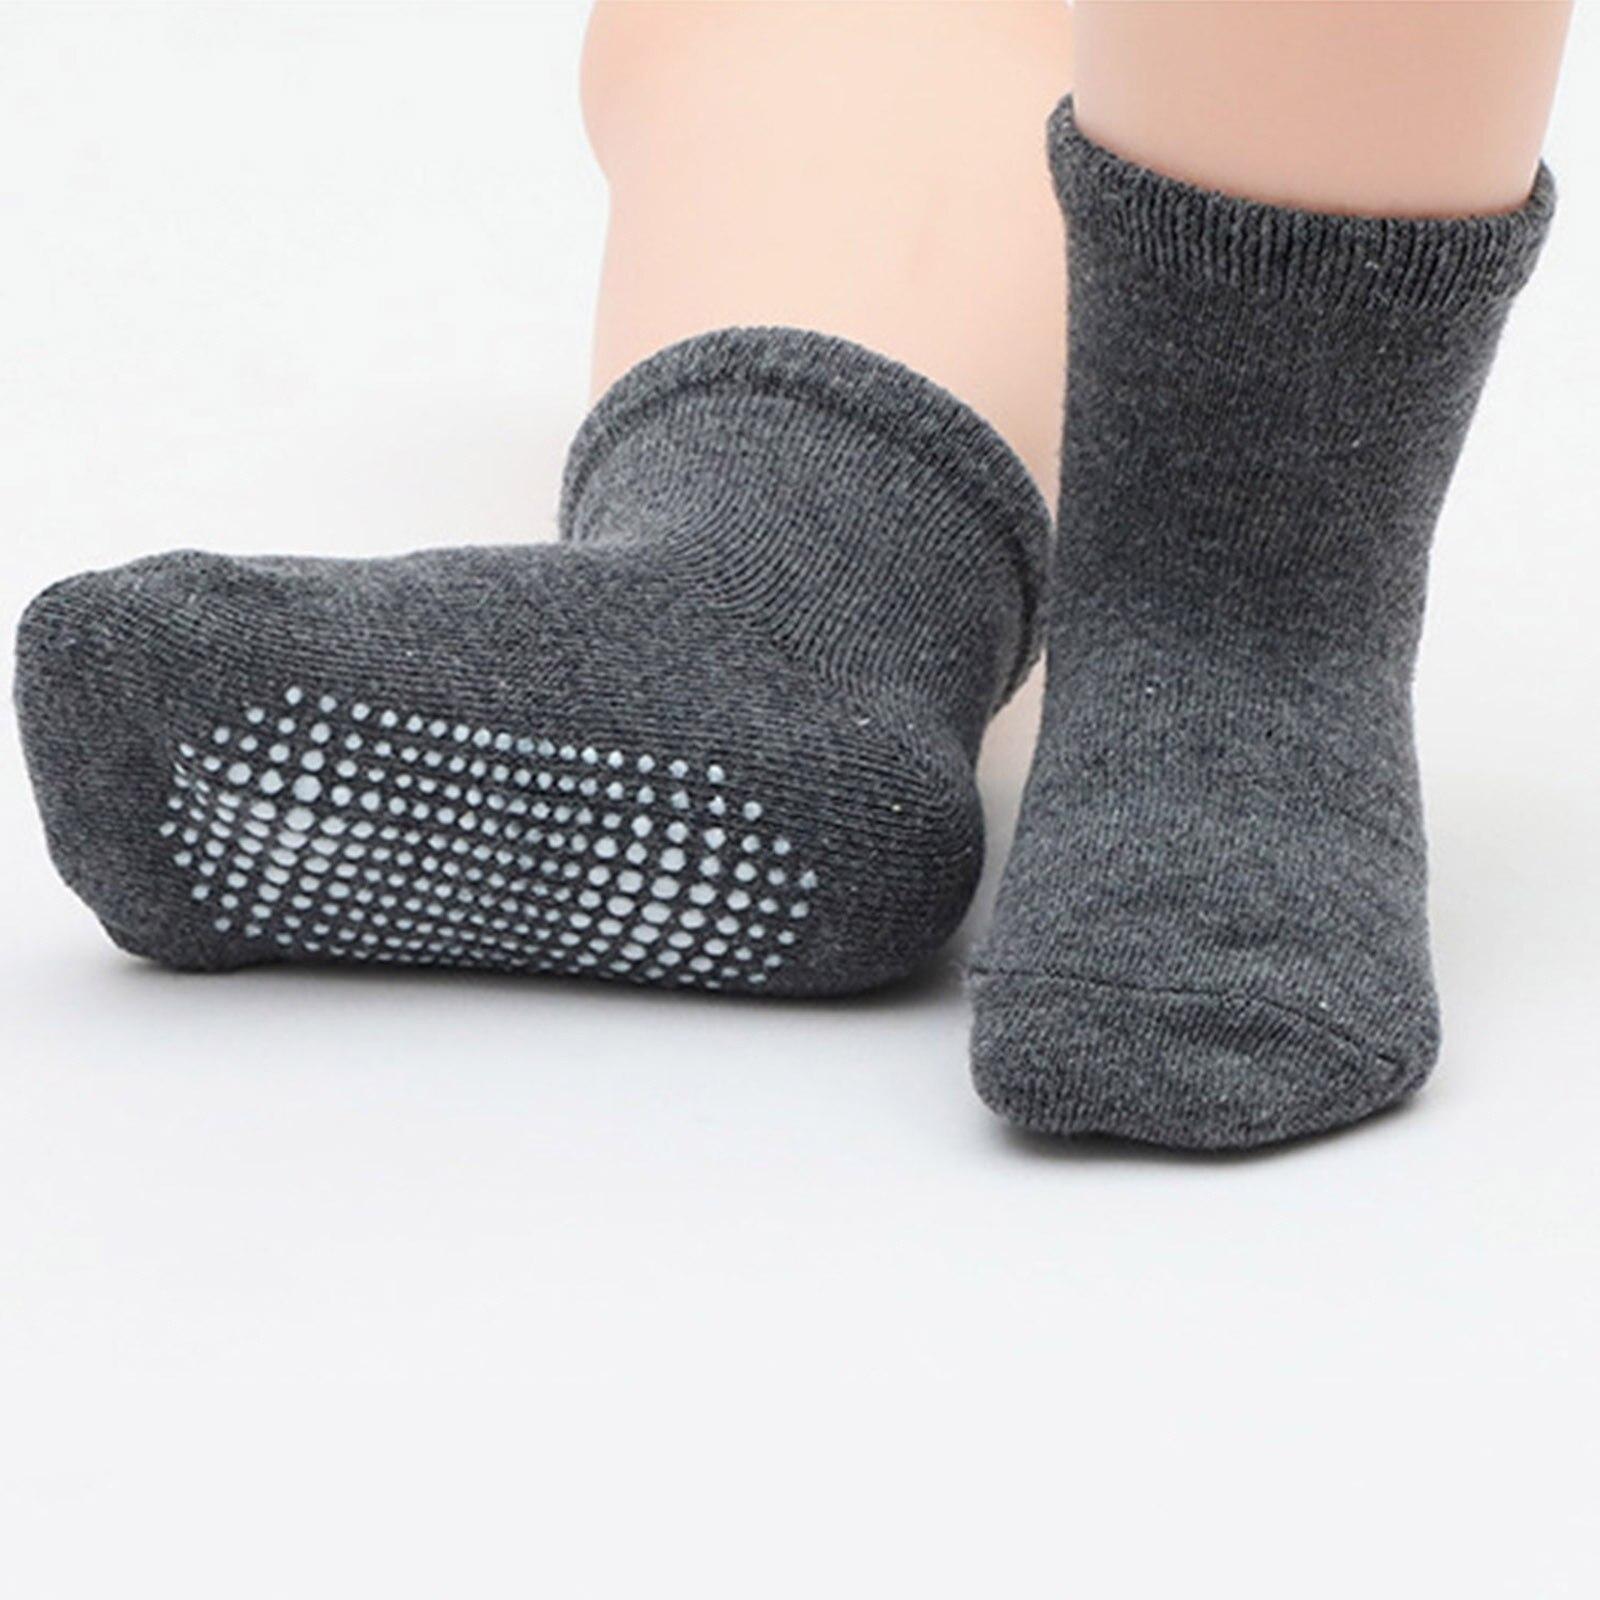 6 пар Дети для маленьких мальчиков и девочек Однотонные Нескользящие трикотажные теплые носки с кожаной подошвой носки нескользящие носки до лодыжки; Все сезоны; #40|Носки|   | АлиЭкспресс